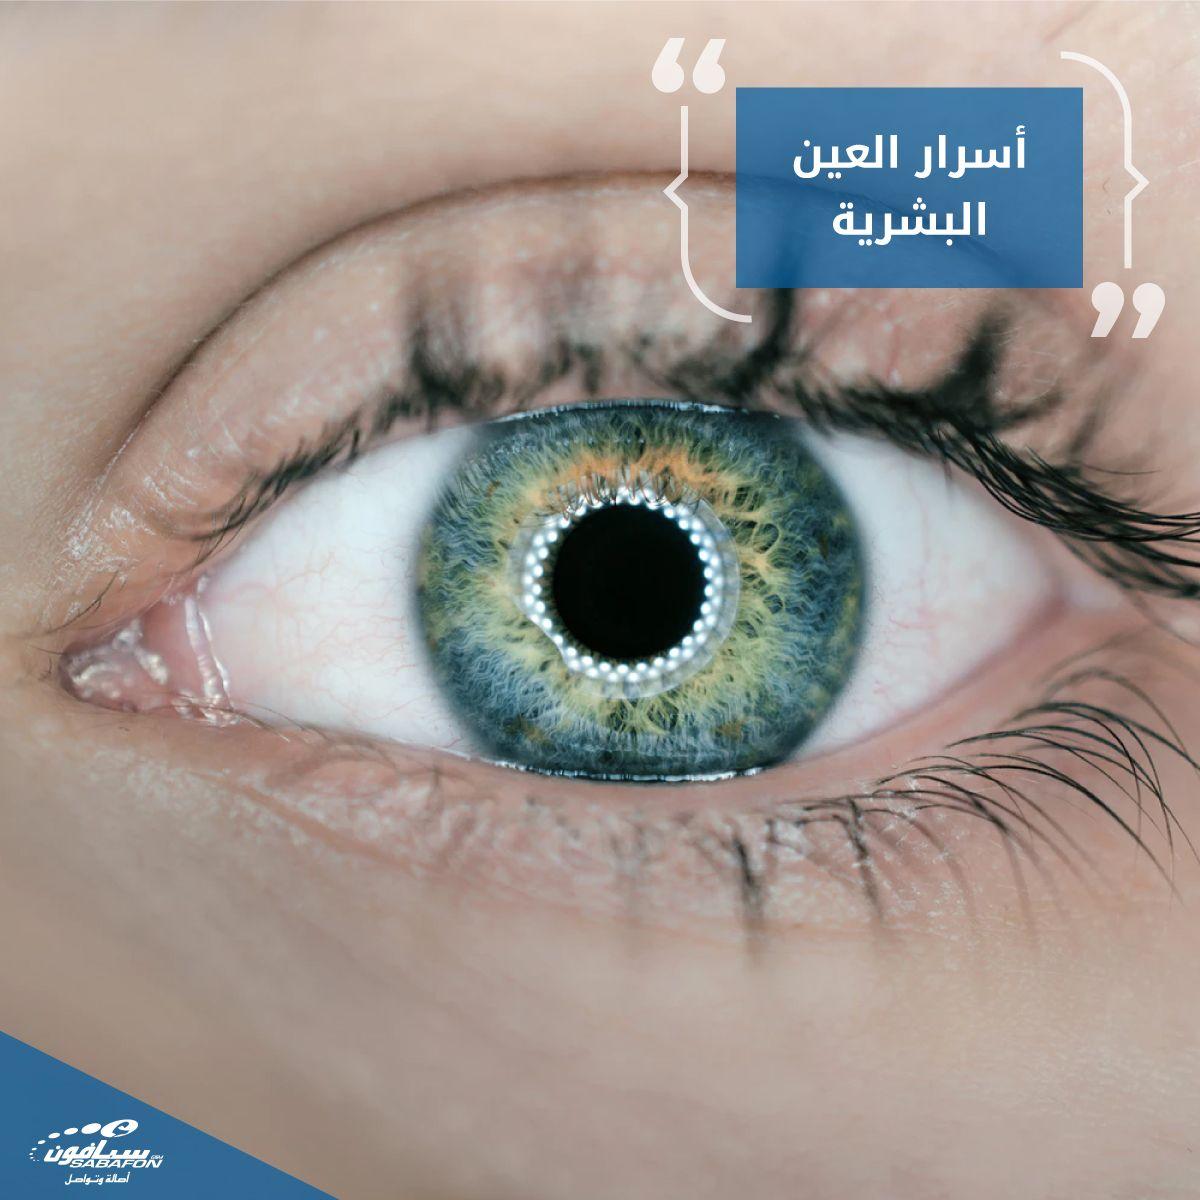 هل تعلم أن شبكية العين تحتوي على نحو 135 مليون خلية حسية مسؤولة عن التقاط الضوء وتمييز الألون المتعددة ومن ثم نقلها الى الدماغ عبر العصب البصري لمعالجة ال Social